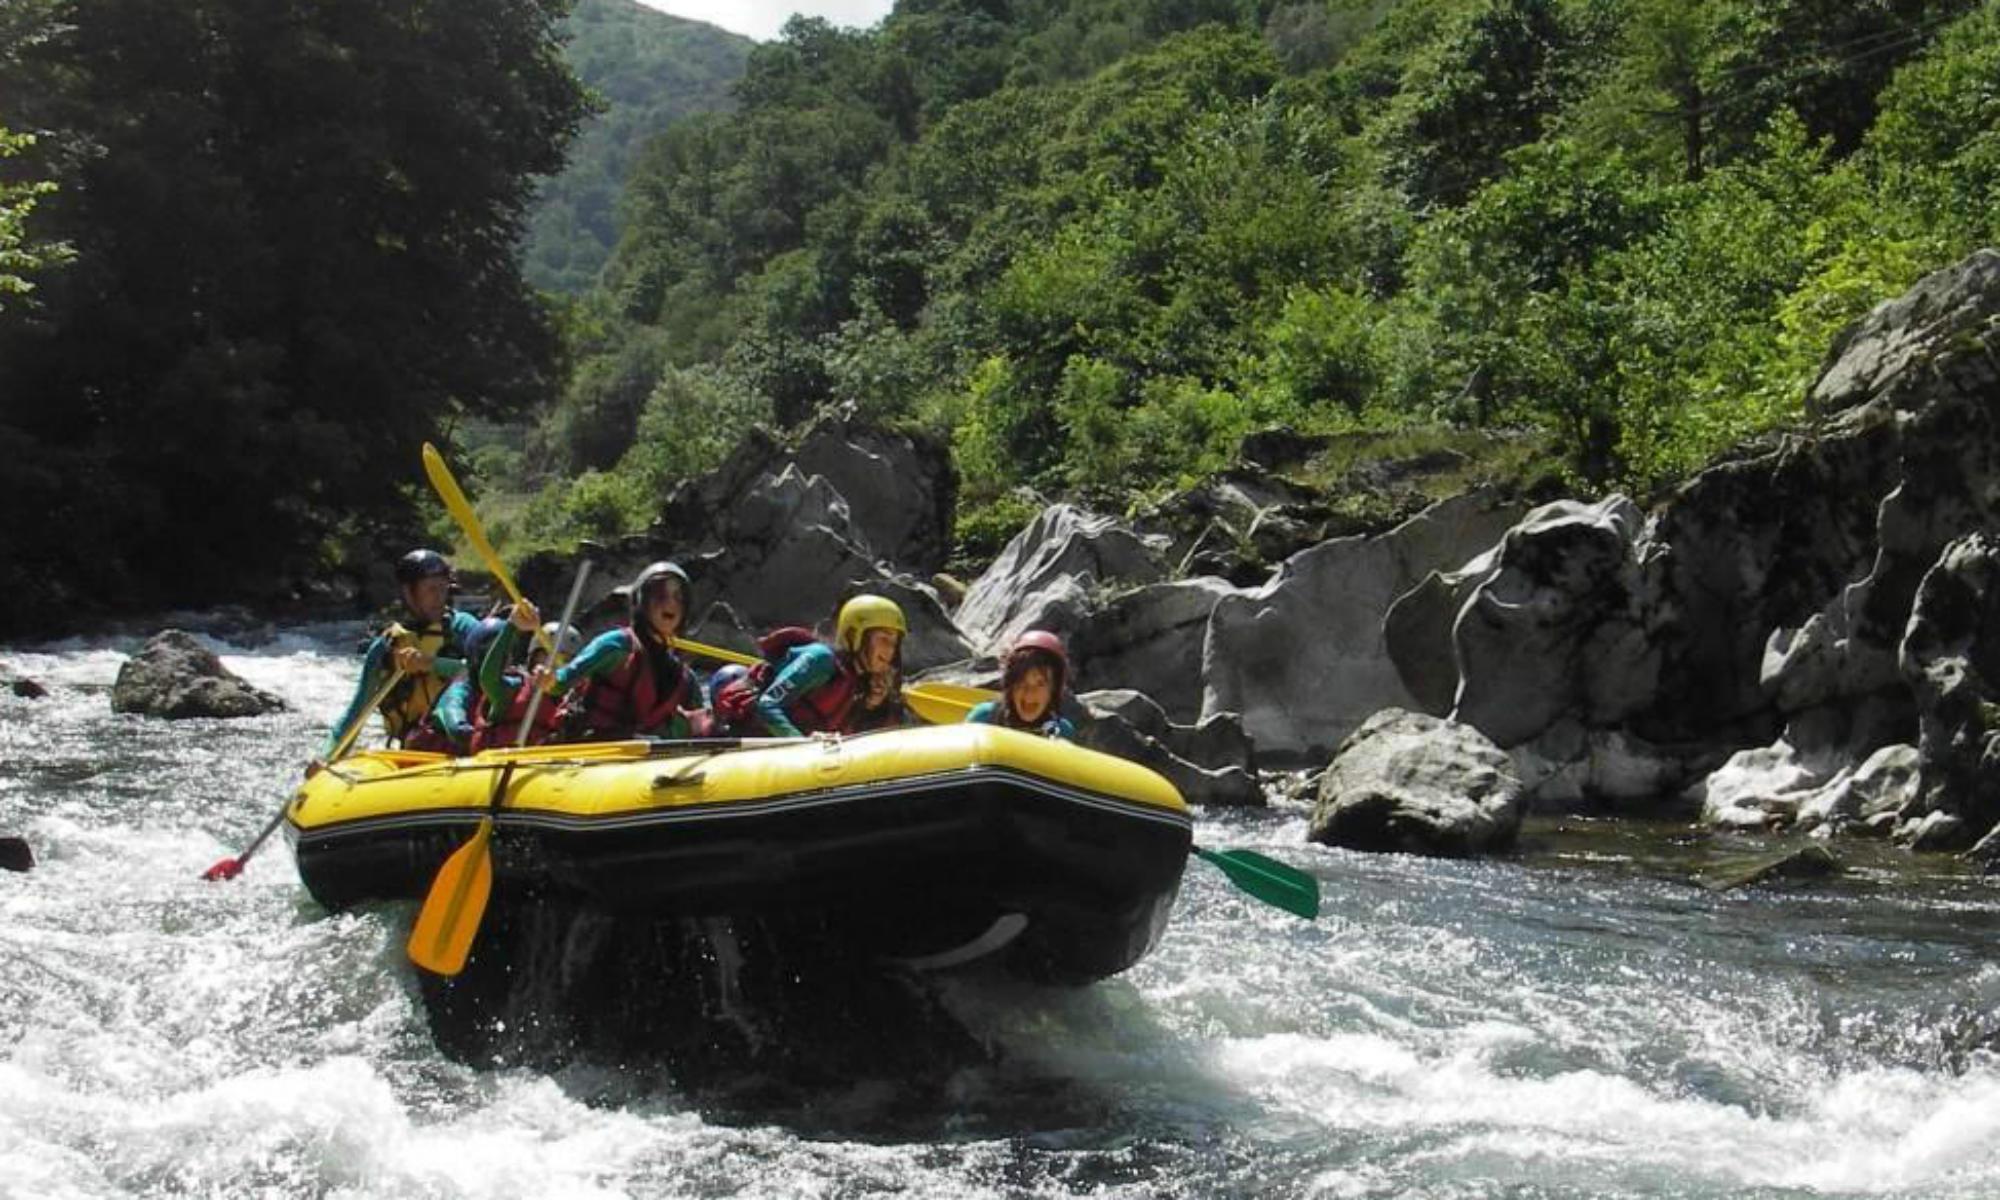 Une famille fait une descente en rafting dans les Pyrénées.